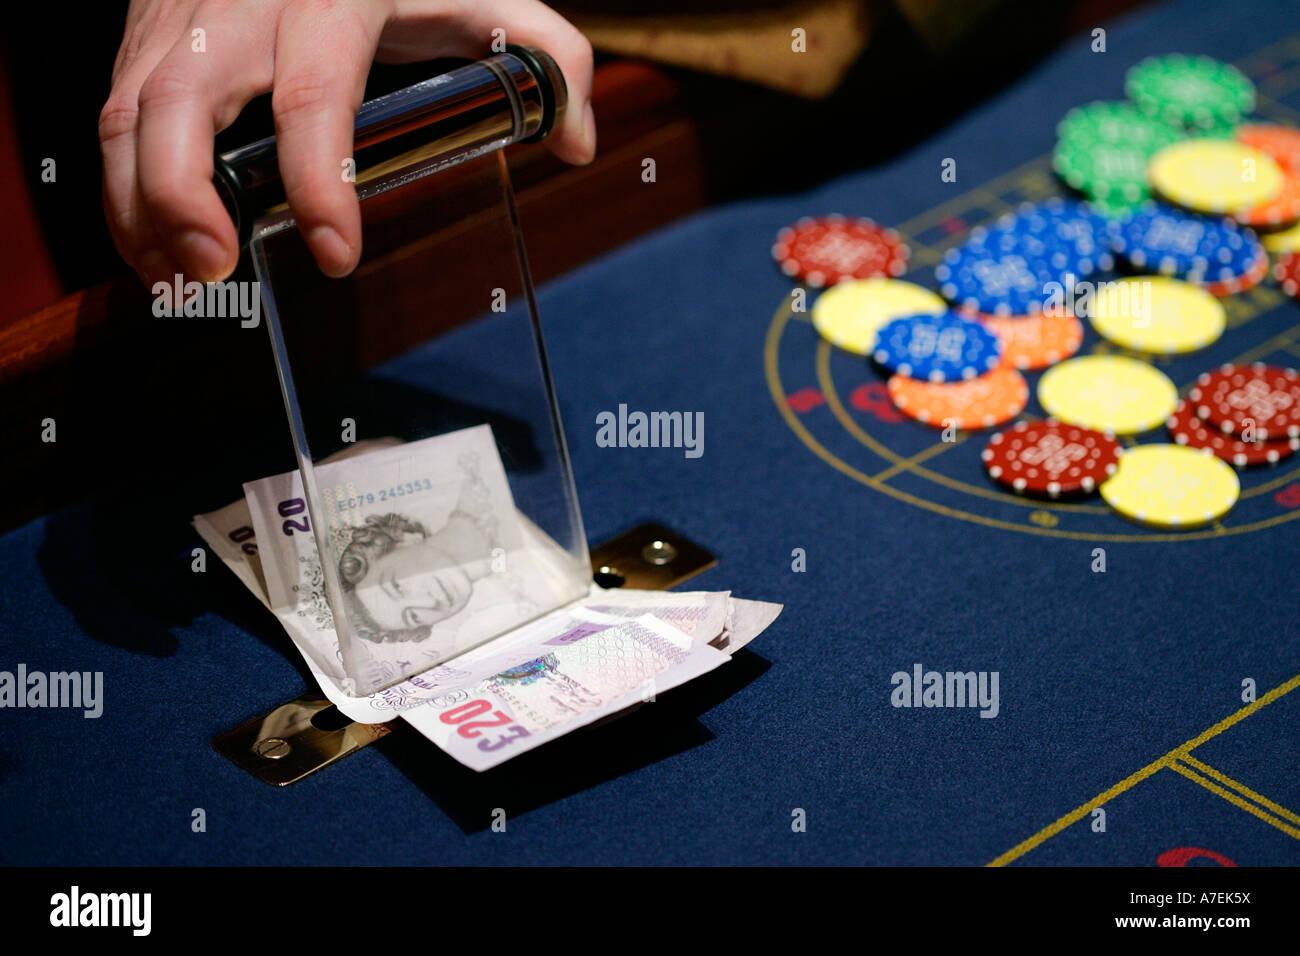 Casino Gambling Easy Money Betting Stock Photo Alamy